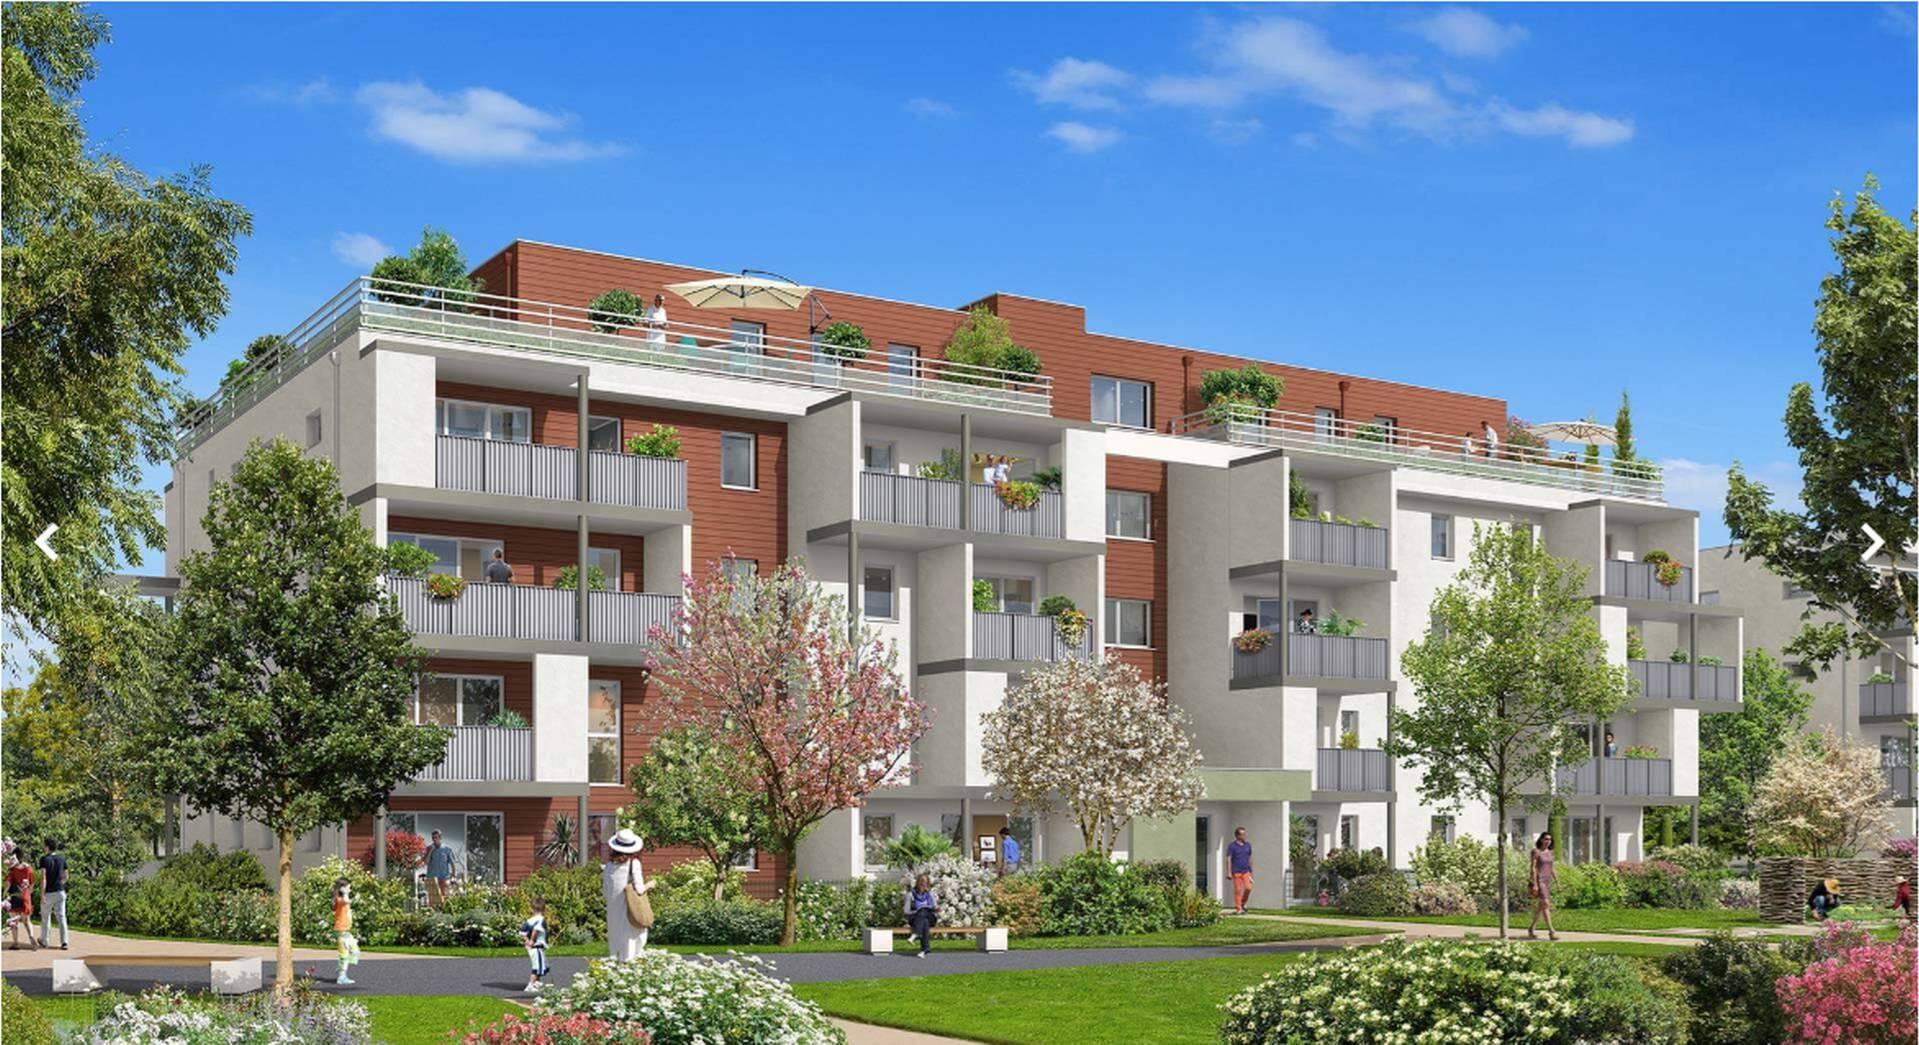 Artech-Ingénierie_Bruges_33_Construction d'un ensemble immobilier de 69 logements